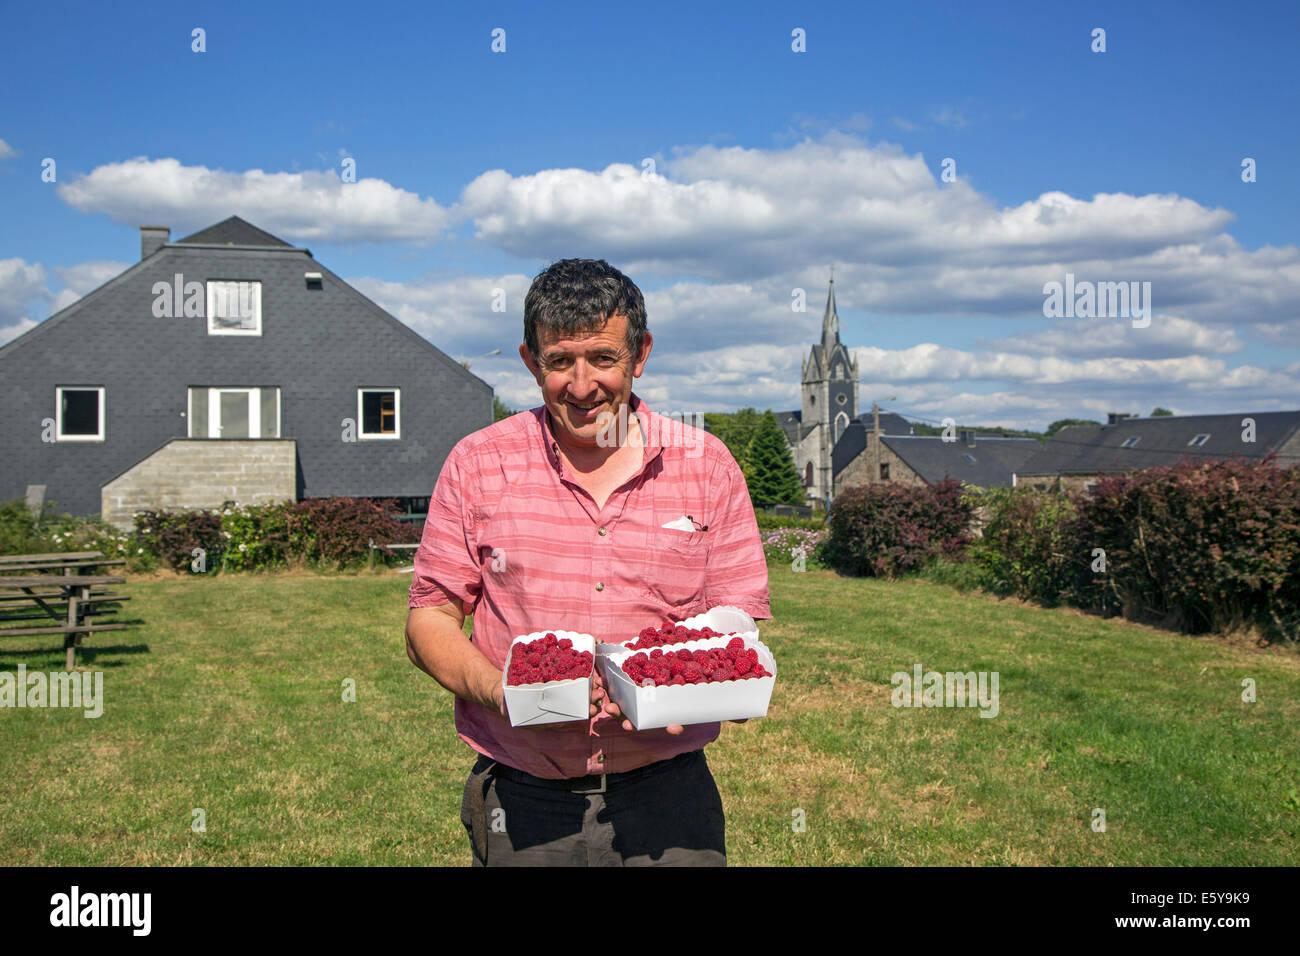 Mann mit frisch gepflückten roten Himbeeren (Rubus Idaeus), lokale Spezialität an Daverdisse, Luxemburg, Stockbild